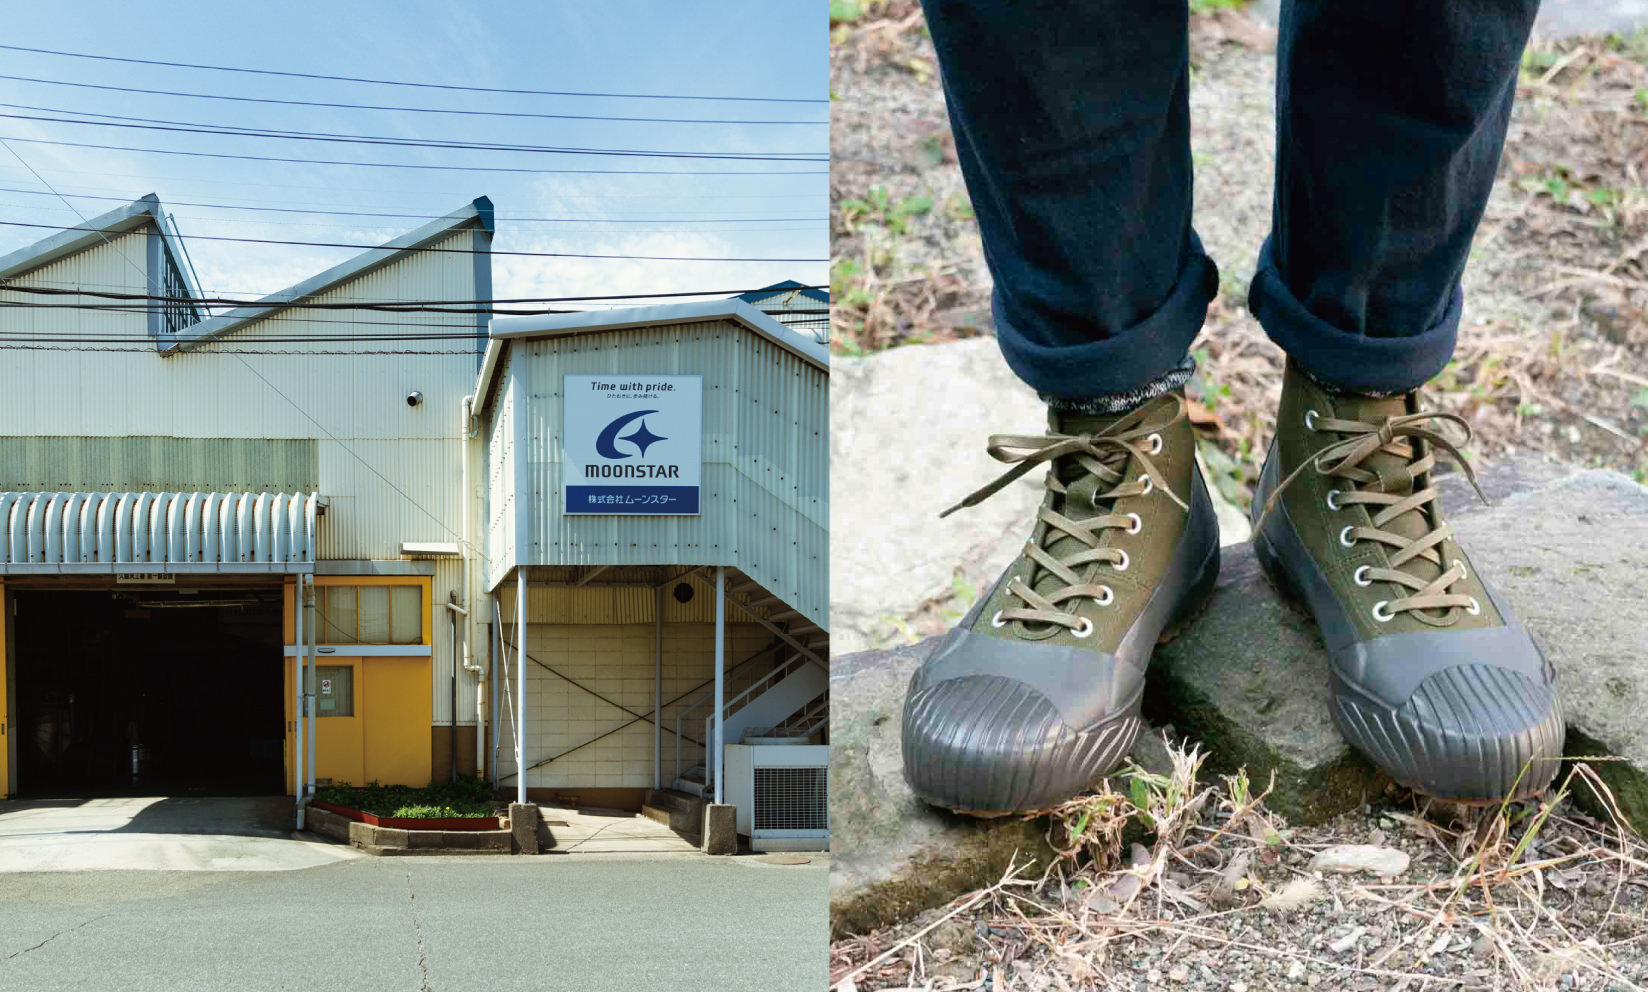 ムーンスター(久留米) / 福岡県久留米市を拠点とするファクトリーブランド。